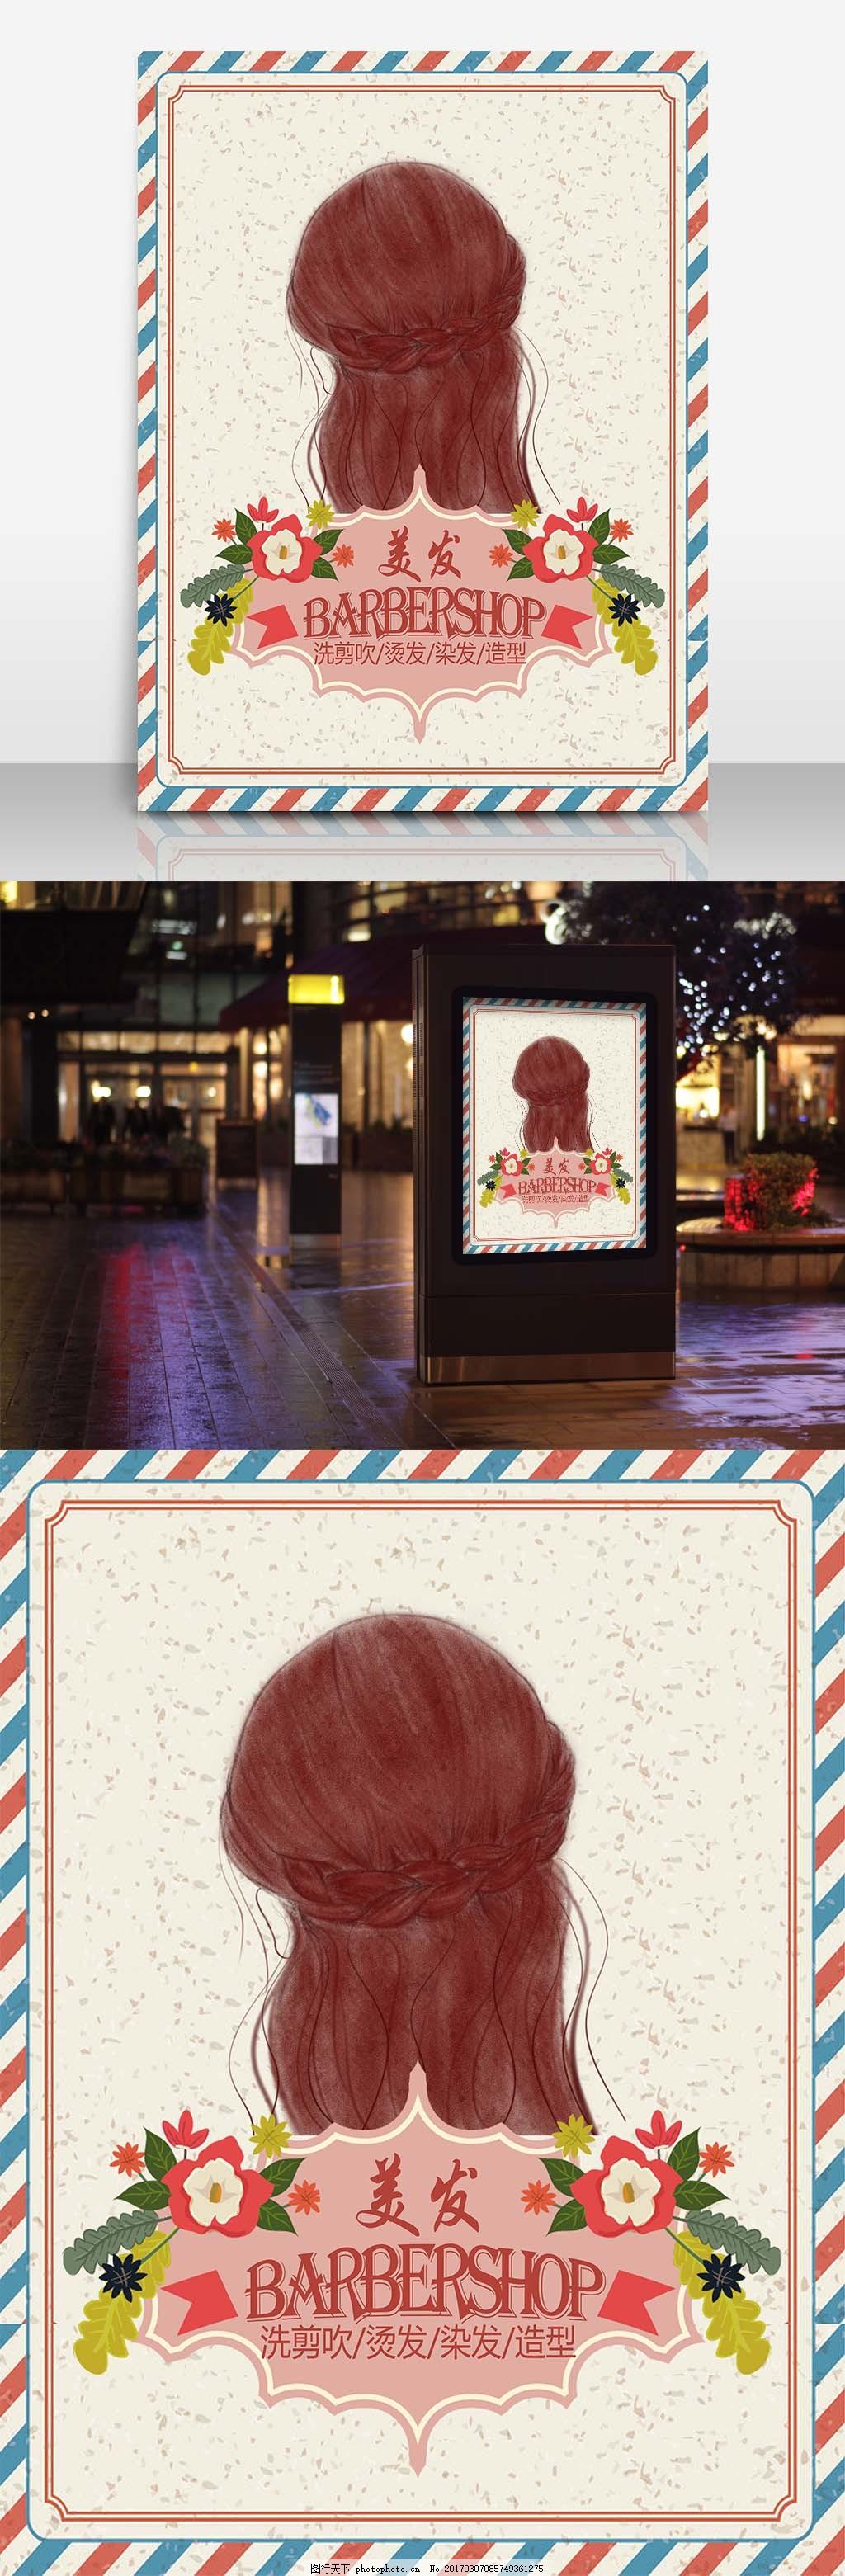 美发店宣传海报 美发 造型 洗剪吹 烫染 海报 发廊 手绘 编头发 编